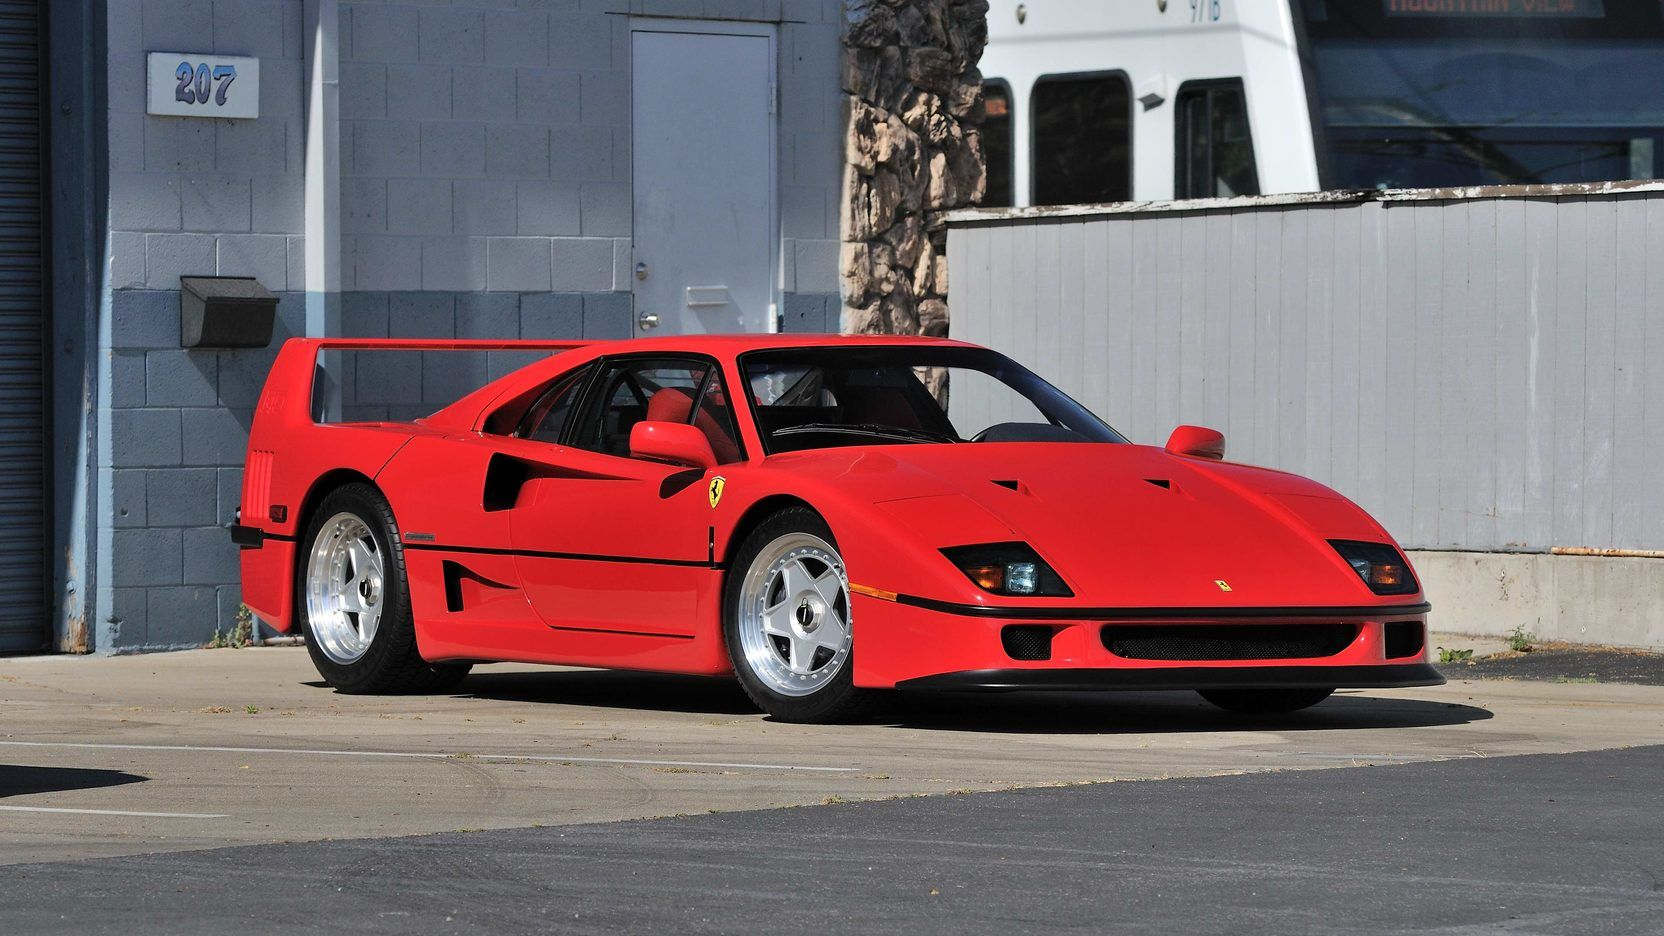 1990 Ferrari F40 1 325 000 Ferrari F40 Ferrari Luxury Automotive